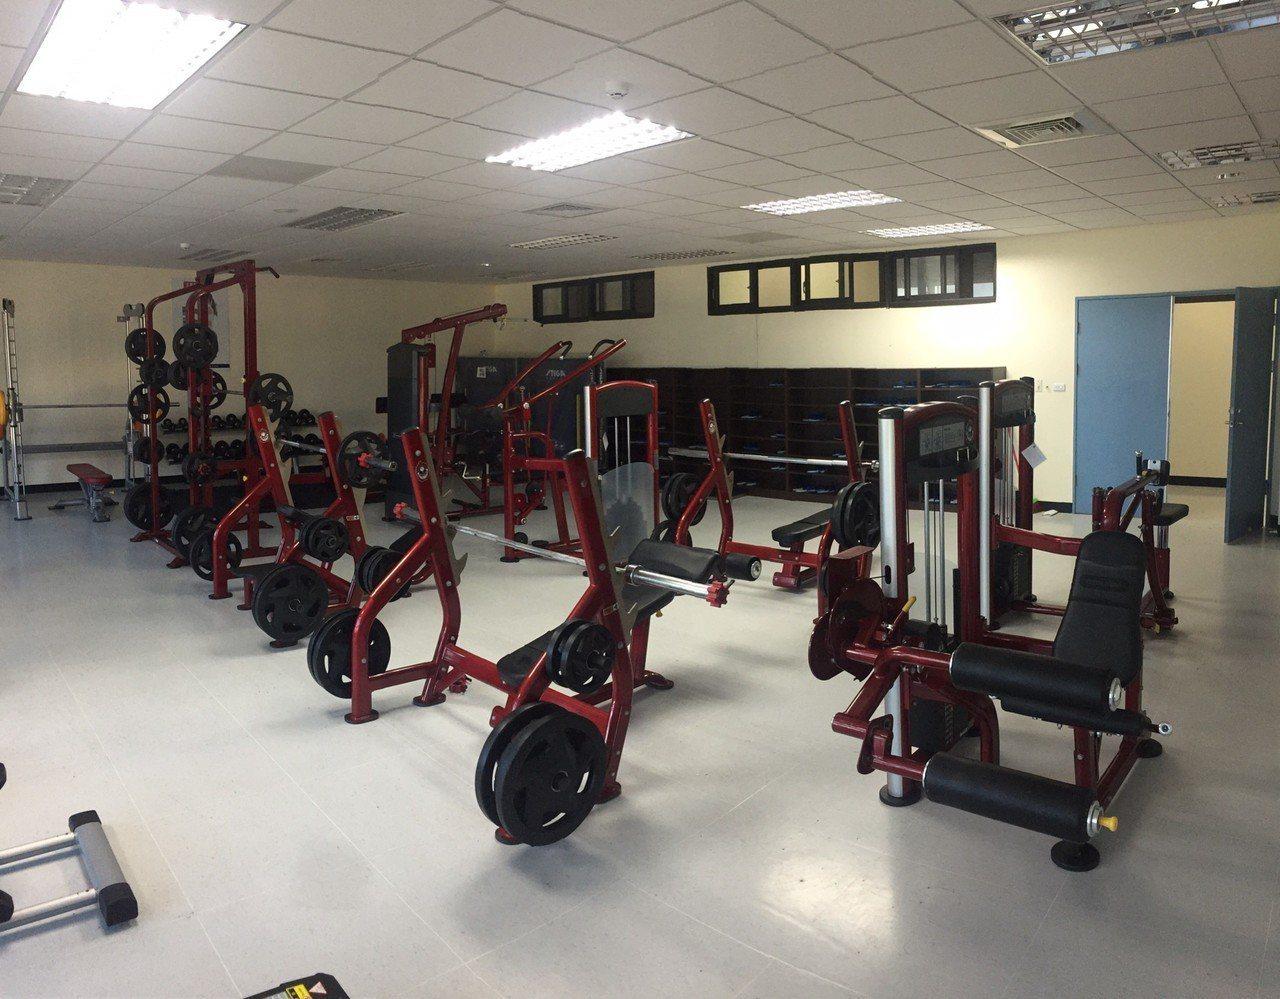 館長霸氣捐百萬健身器材,把分局變身專業健身房,連警員看了都驚嘆。記者巫鴻瑋/翻攝